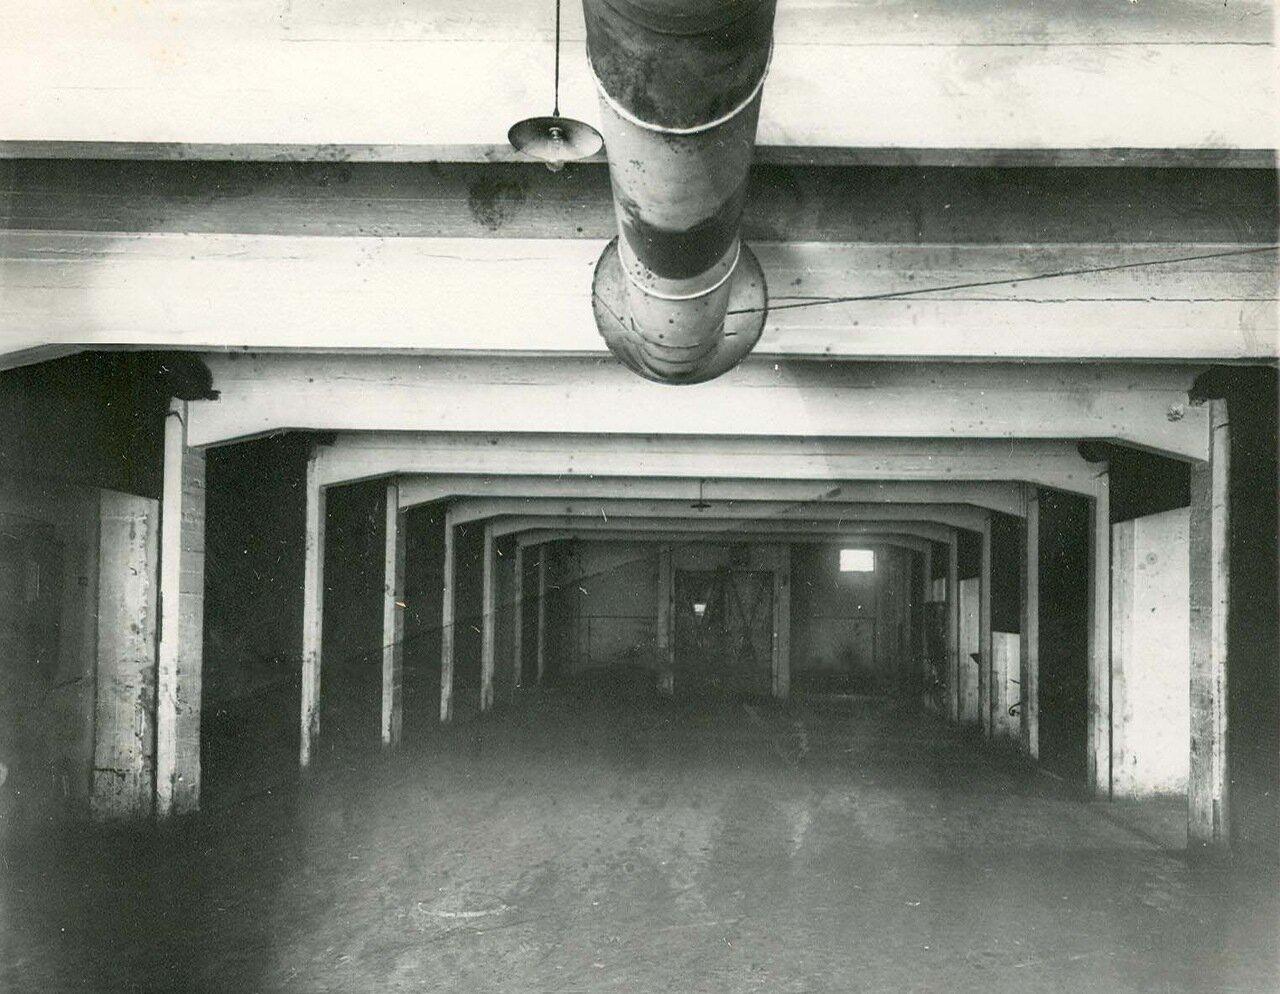 04. Образец железо-бетонных перекрытий подвального помещения